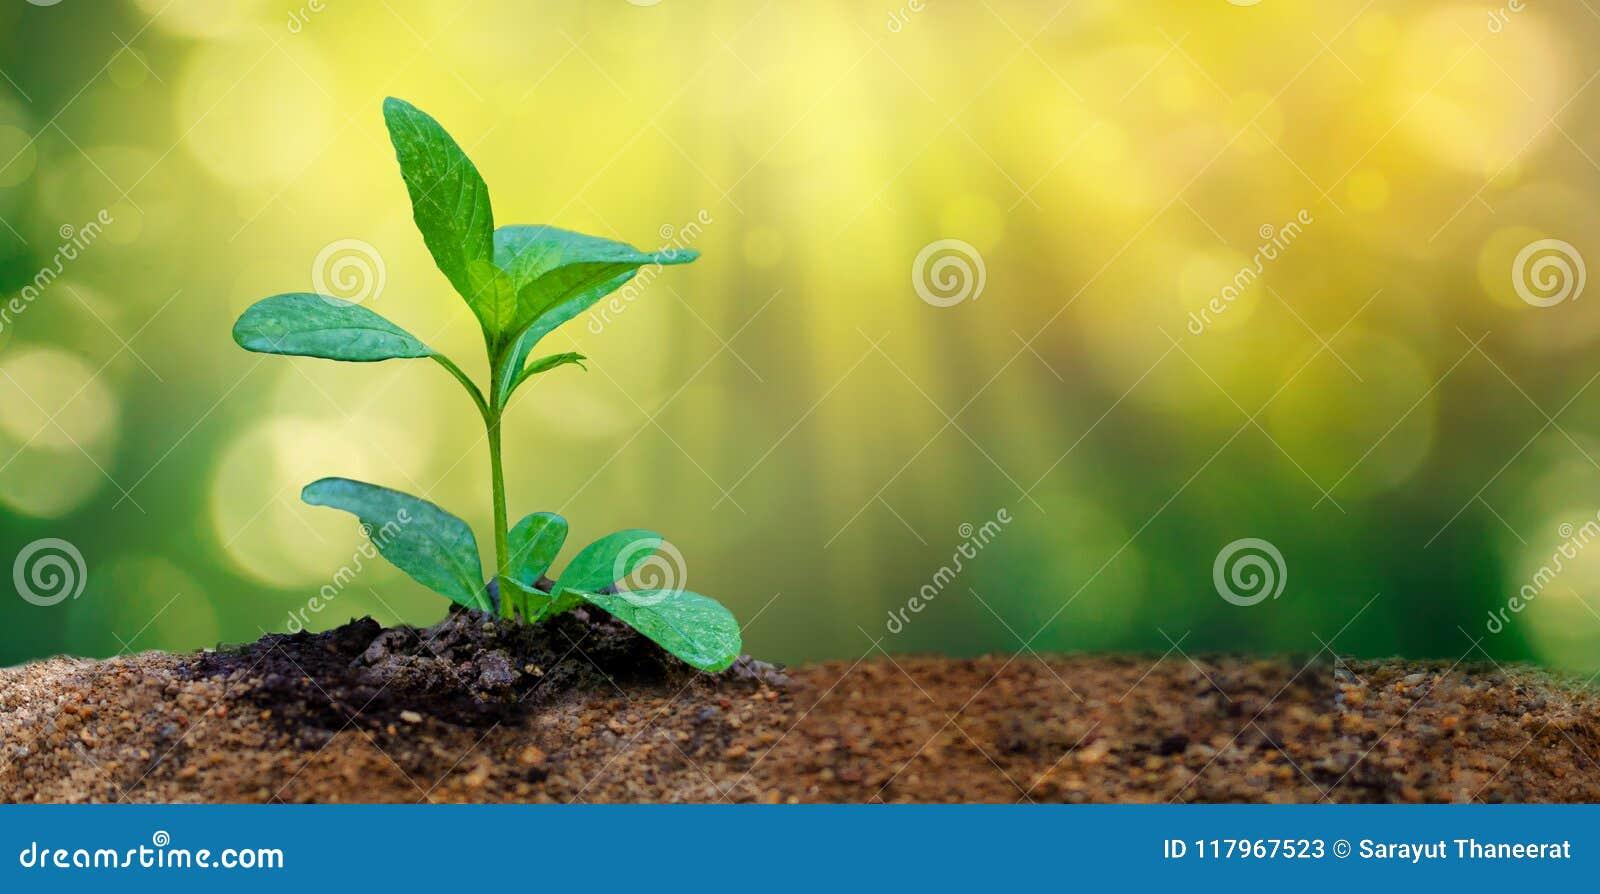 Ημέρα παγκόσμιου περιβάλλοντος που φυτεύει τις νέες εγκαταστάσεις σποροφύτων στο φως πρωινού στο υπόβαθρο φύσης